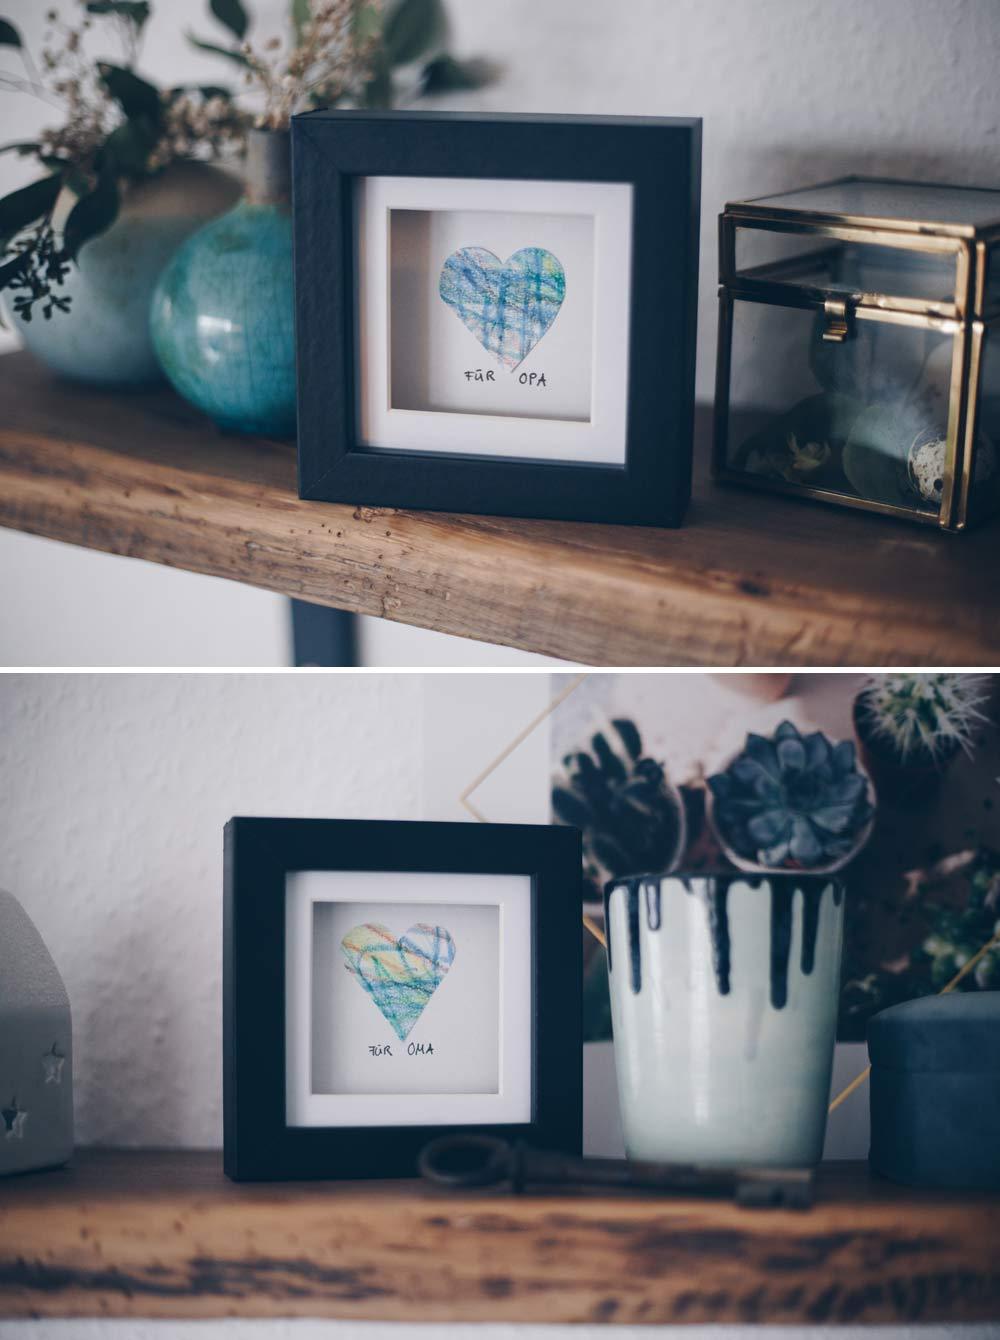 DIY Geschenkidee mit Kinderzeichnung - Geschenke basteln mit Kleinkind - Herz im Rahmen für Oma und Opa basteln